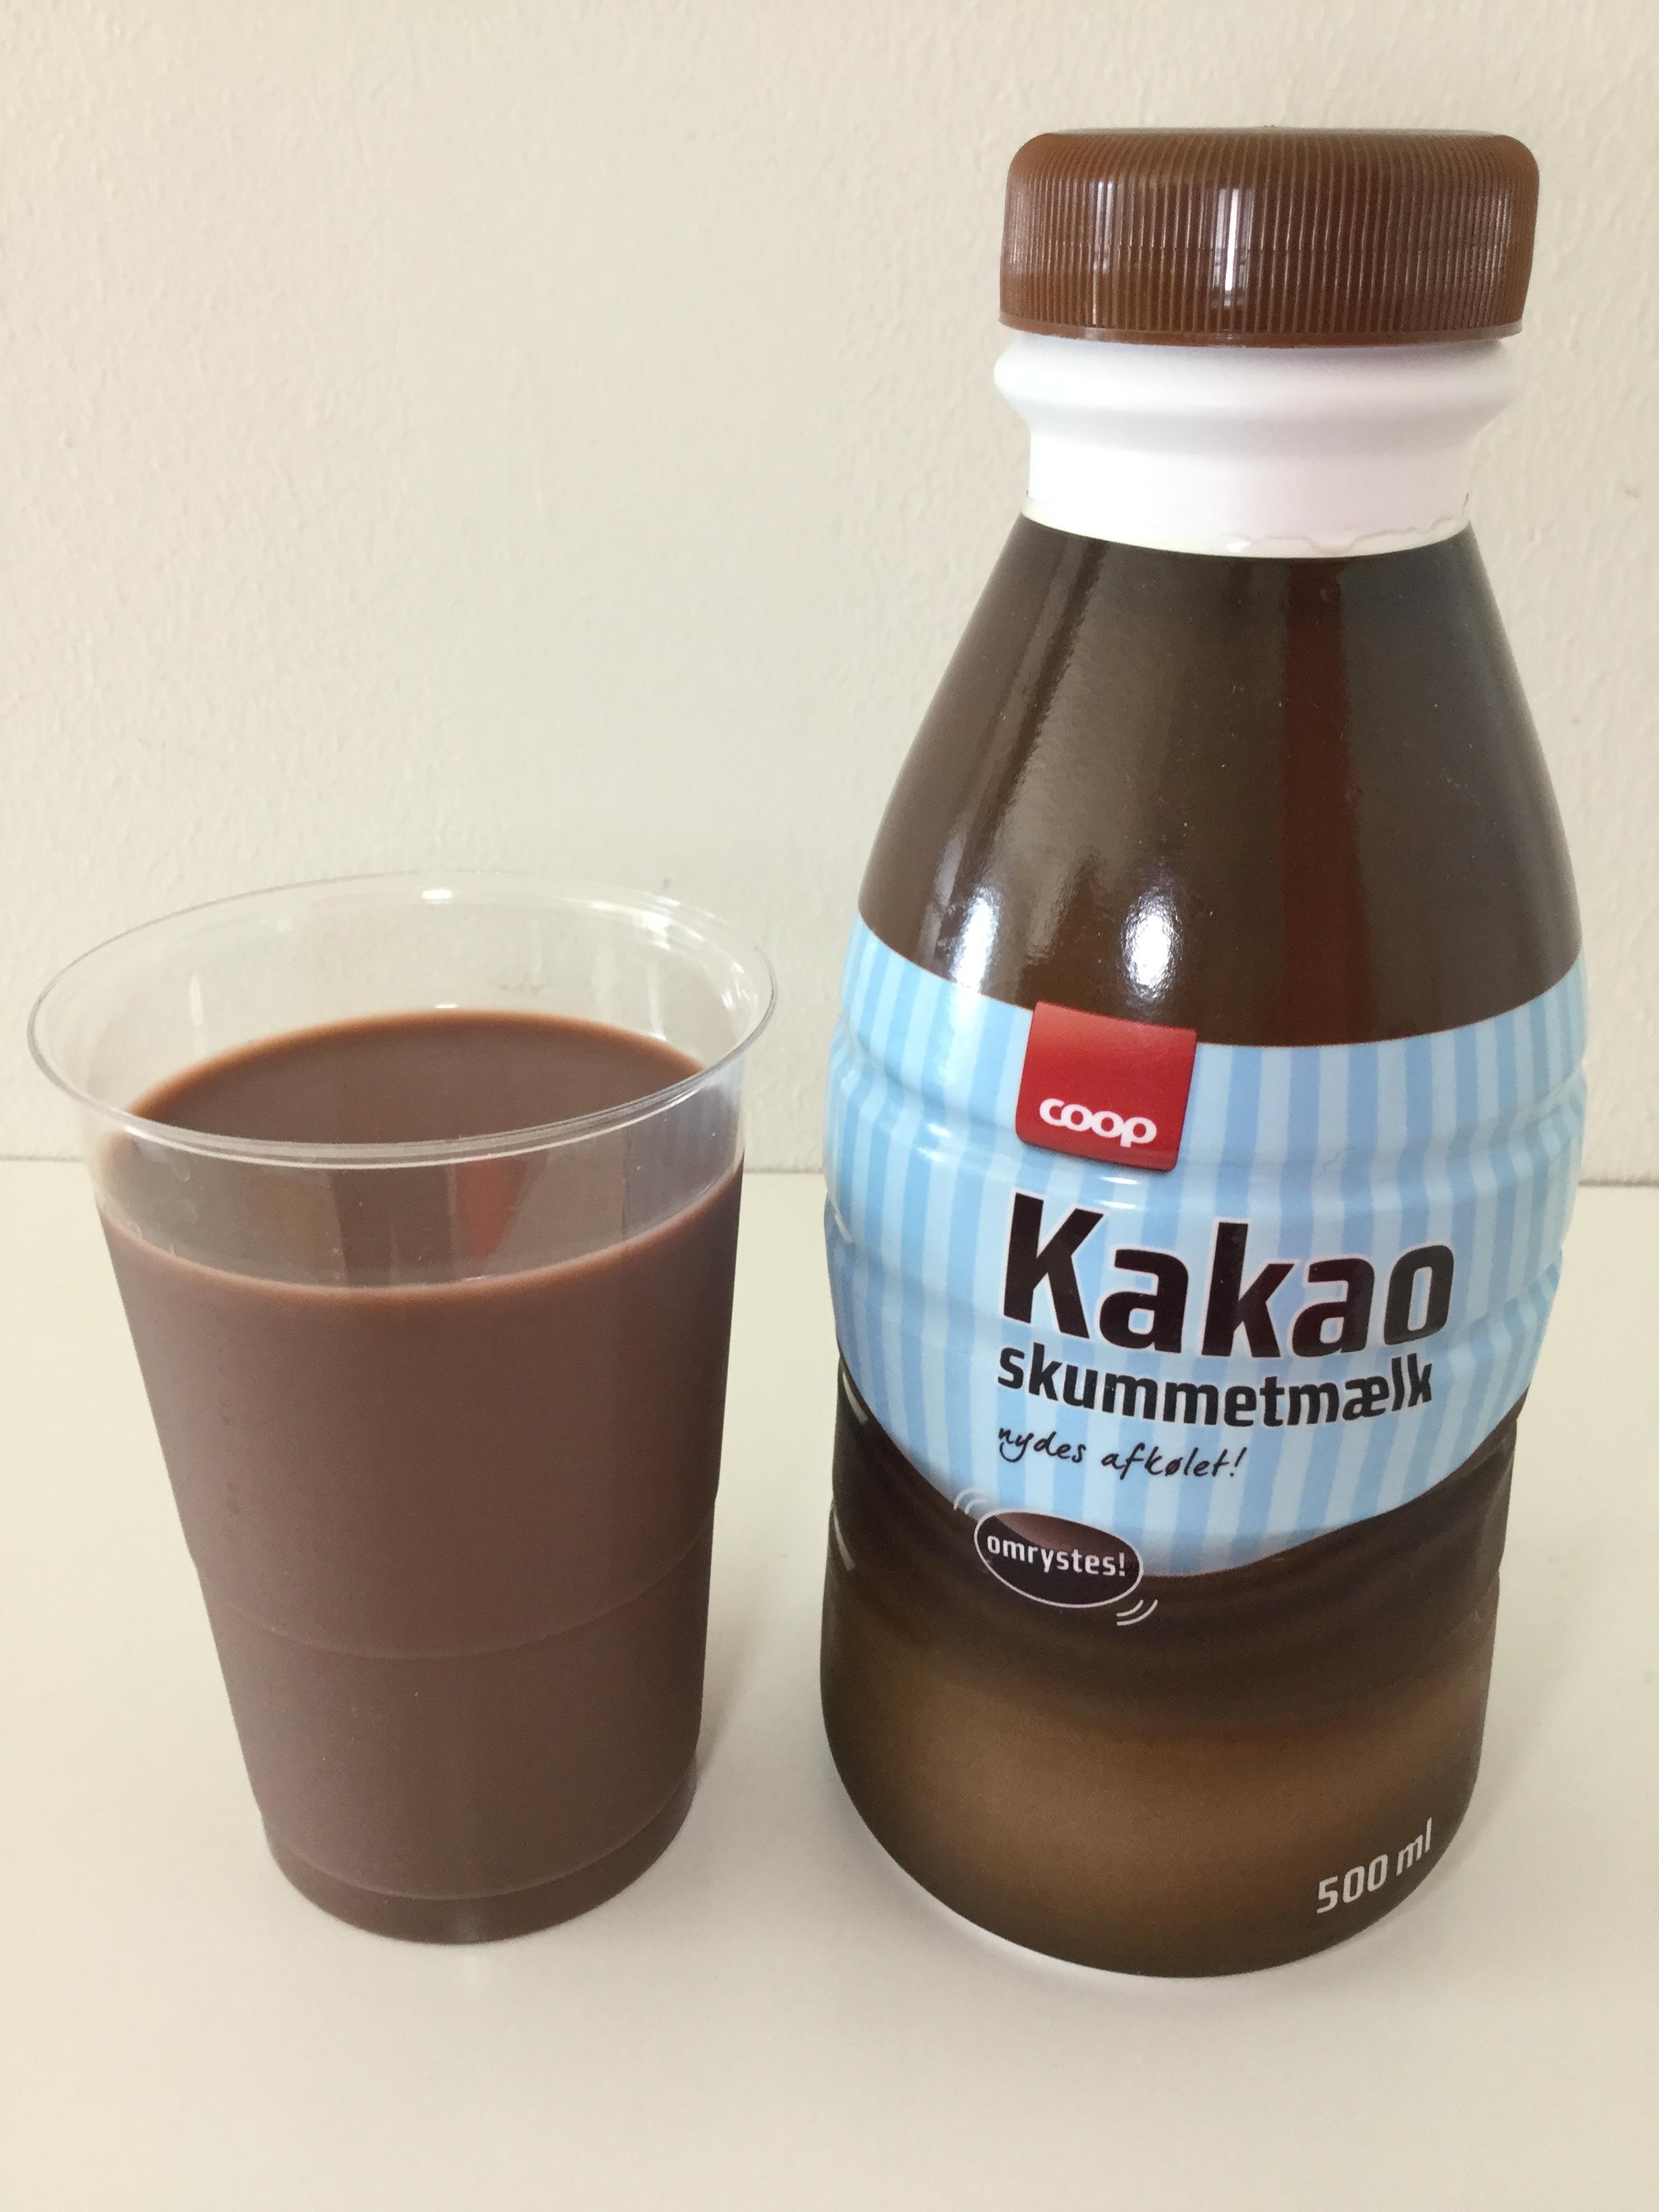 Coop Kakao Skummetmaelk Cup